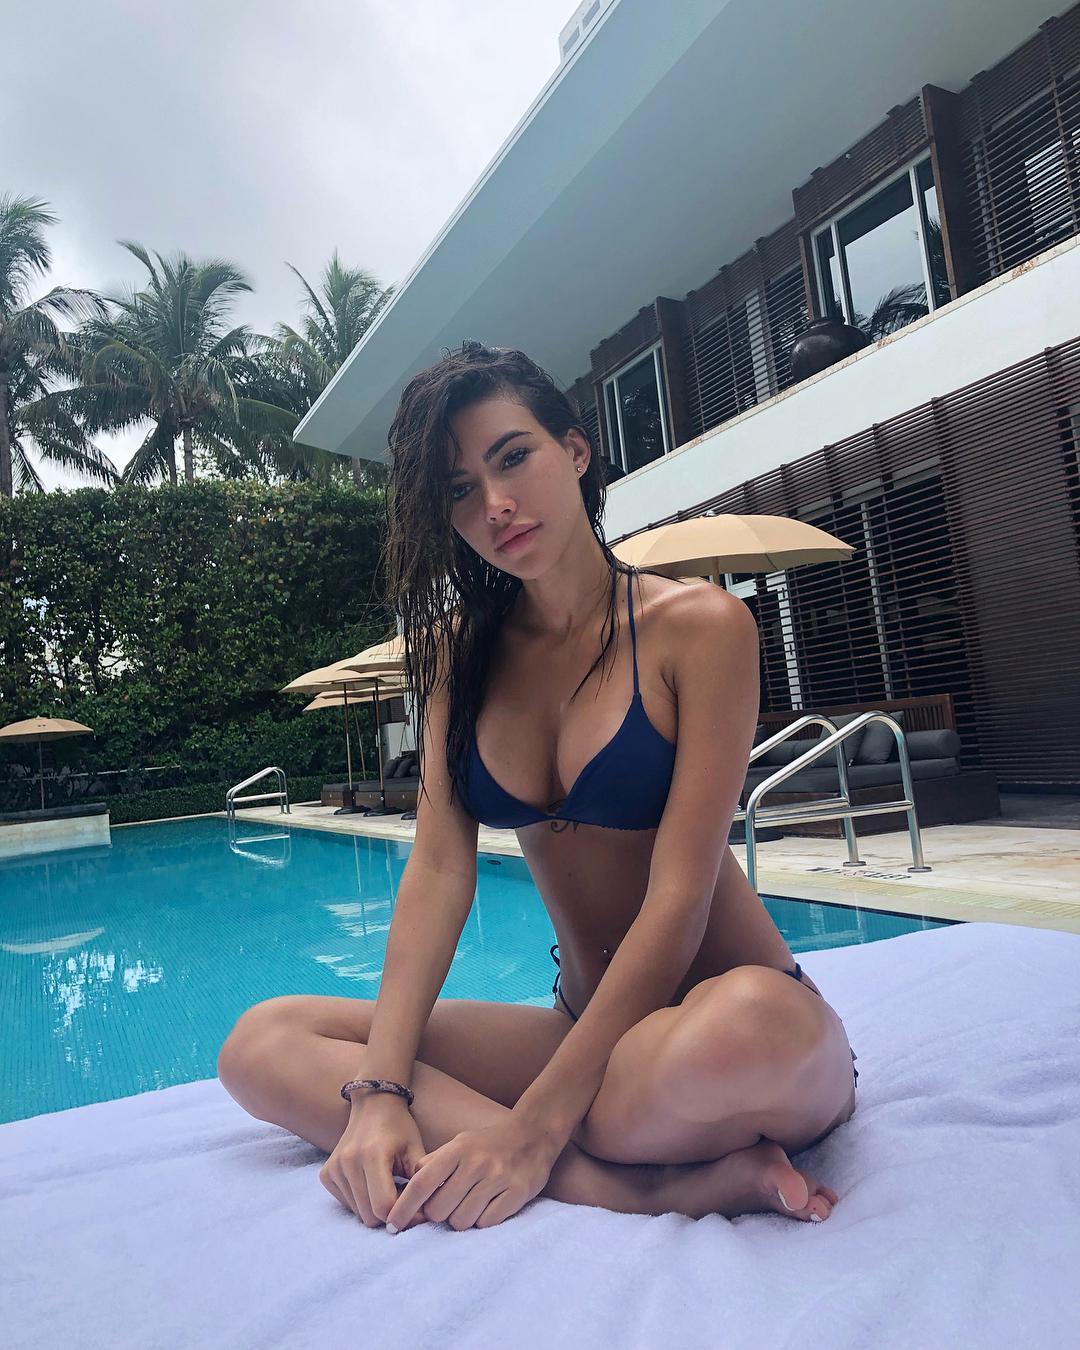 Michelle-Sander-Feet-4193457